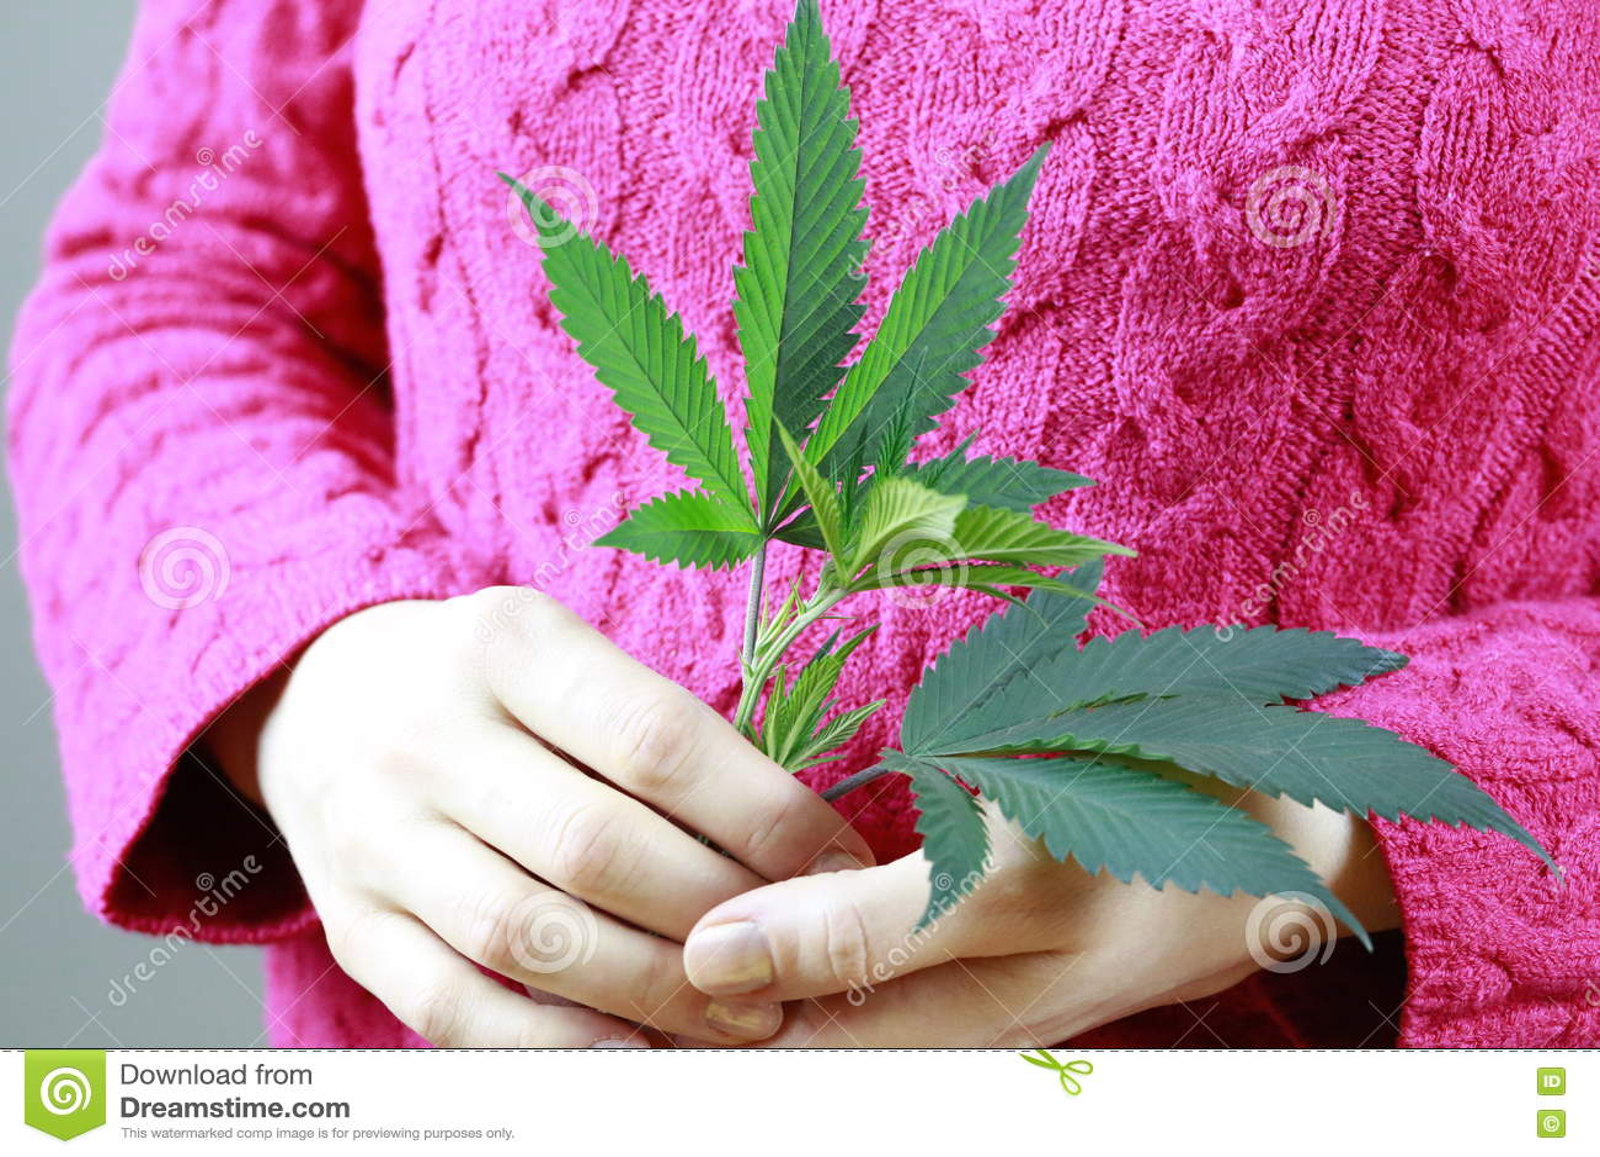 Женские руки держат лист марихуаны зеленые свежие (конопли)